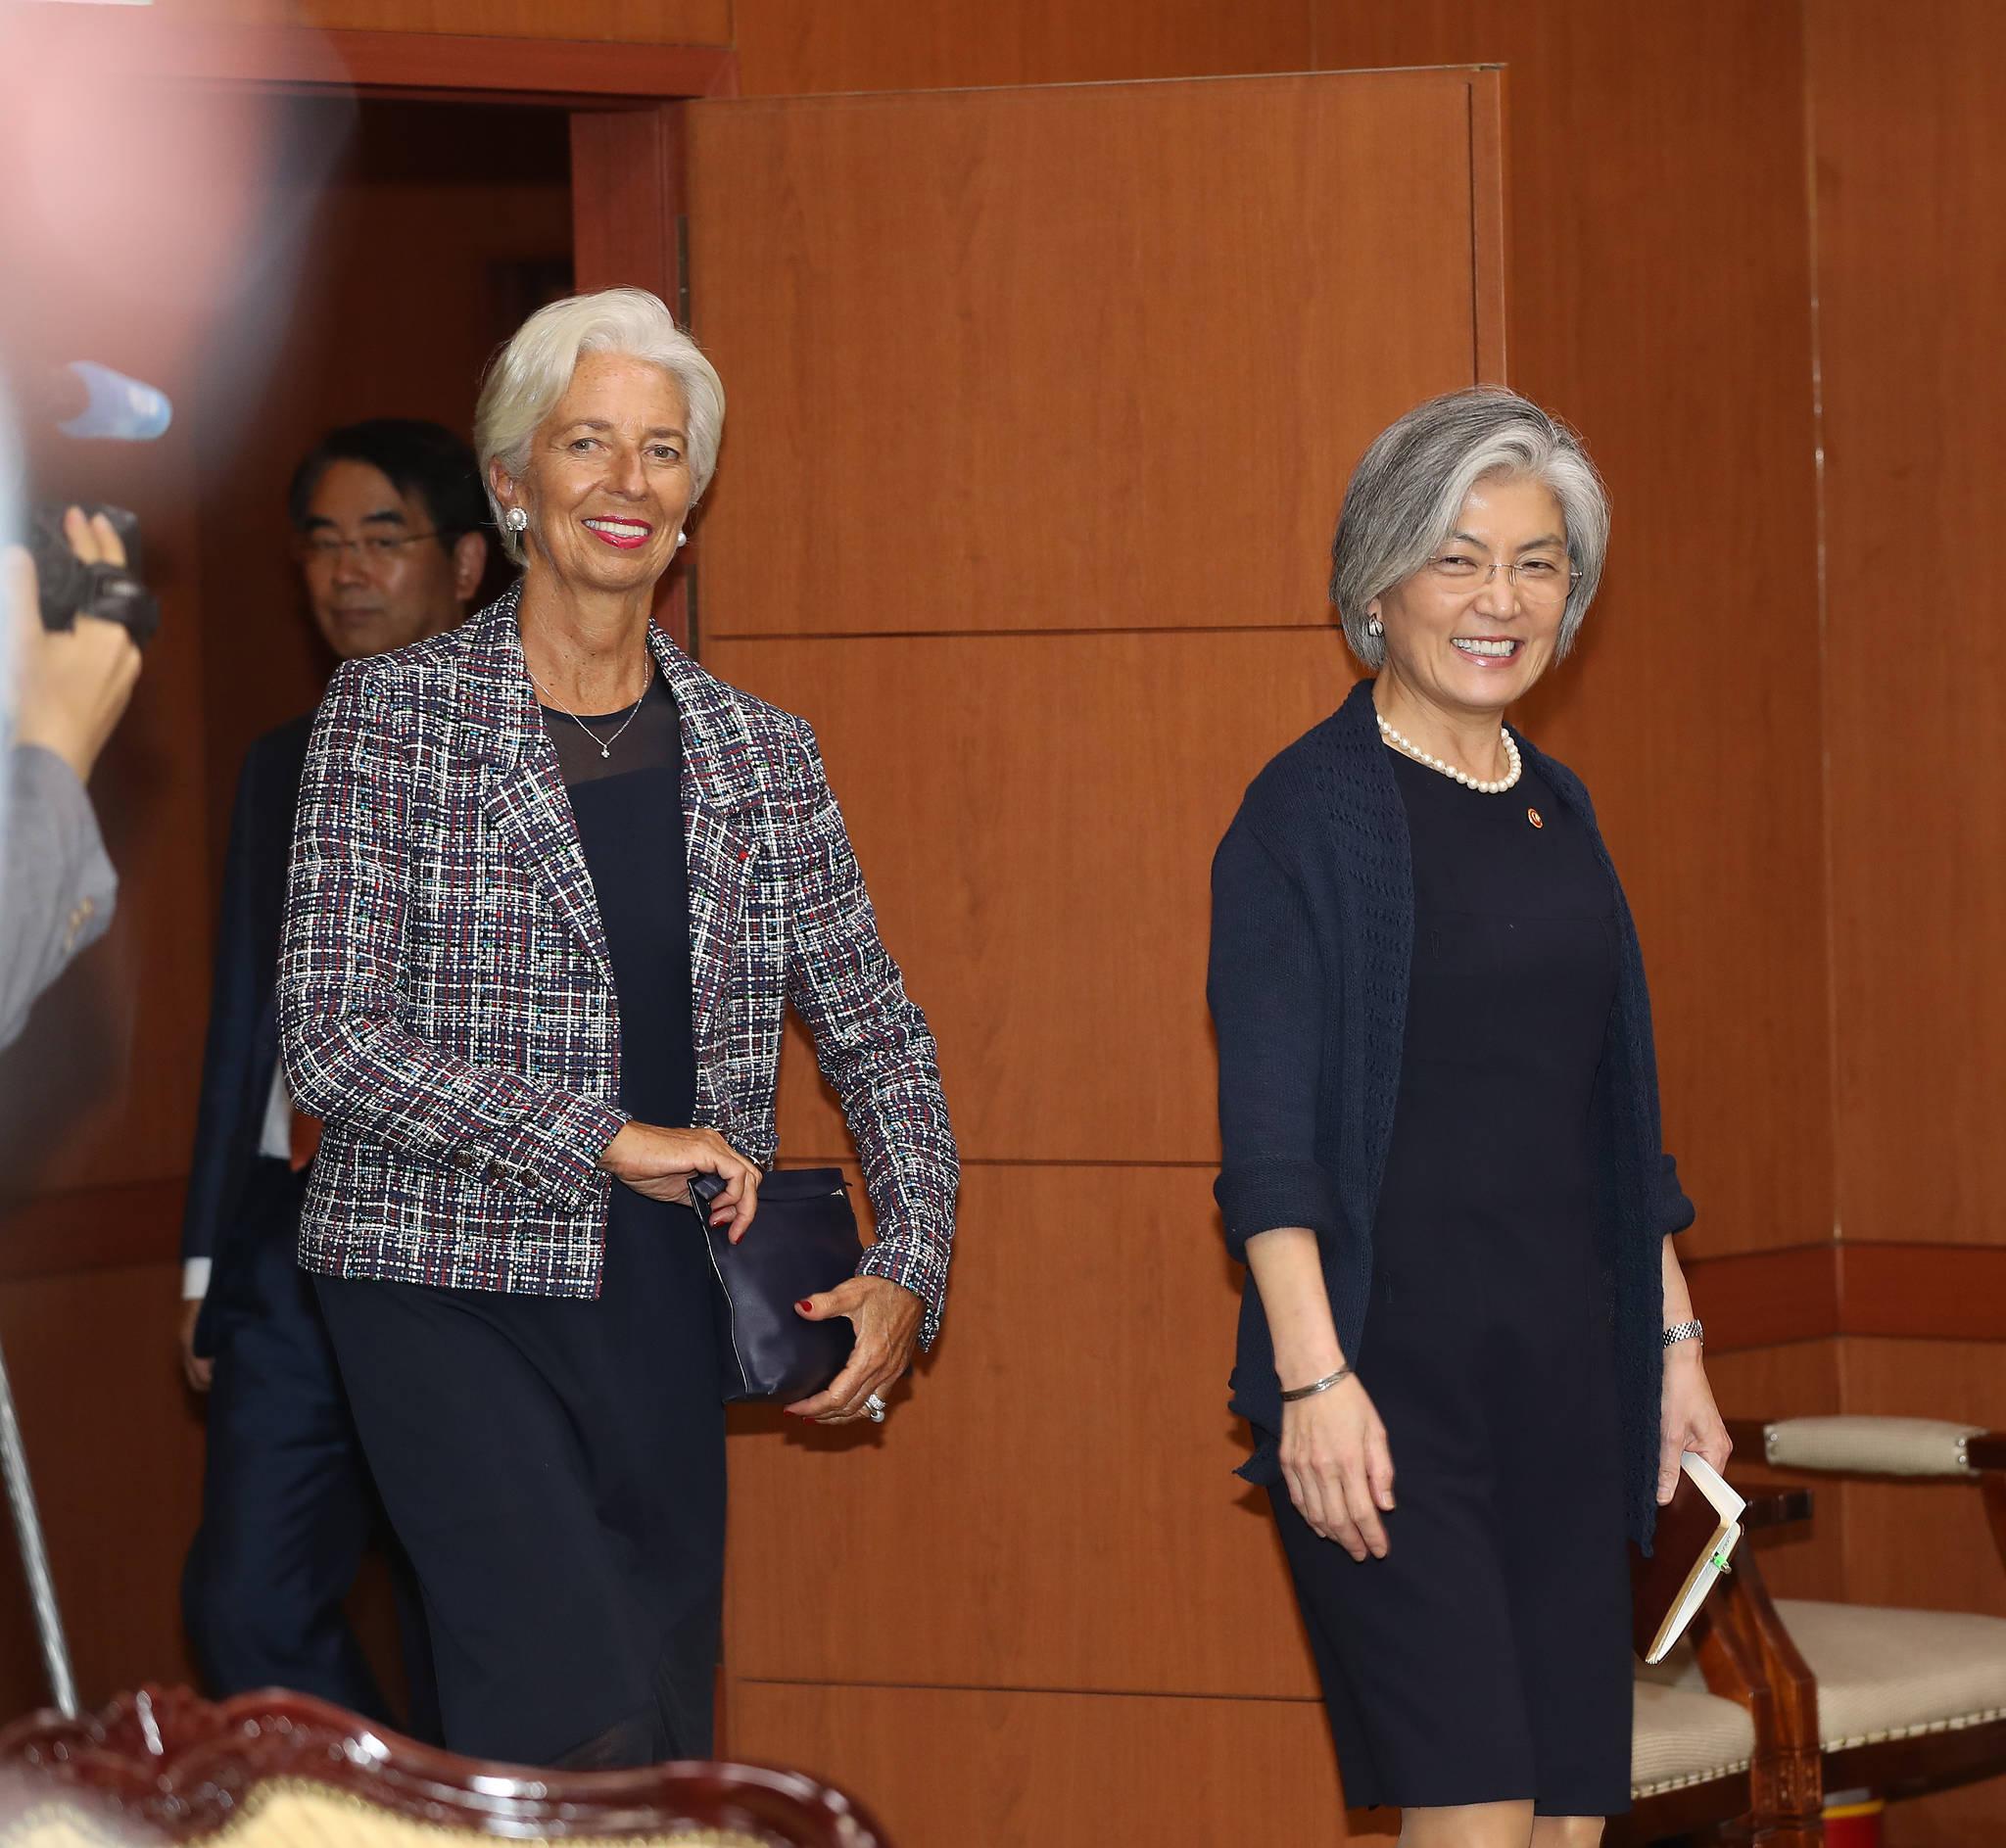 강경화 외교부 장관과 라가르드 총재가 외교부 접견실로 들어오고 있다. 우상조 기자